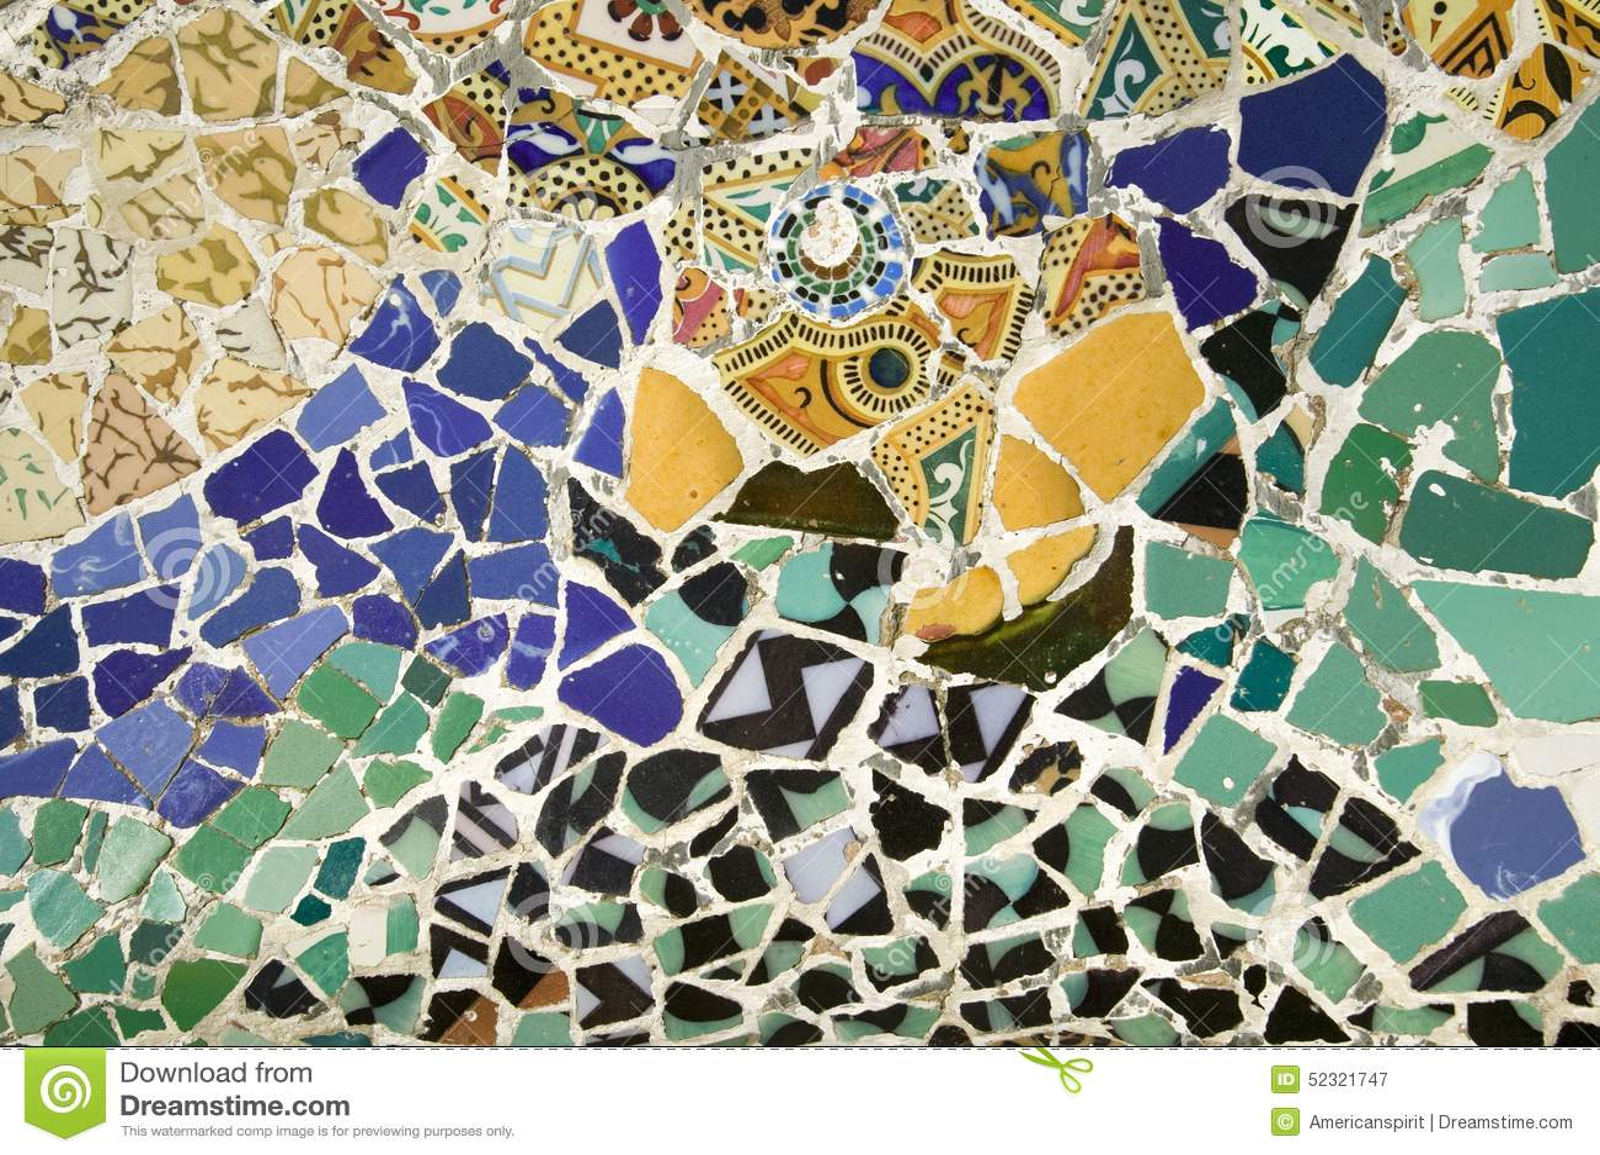 close up do mosaico do azulejo colorido por antoni gaudi em seu parc guell barcelona espanha